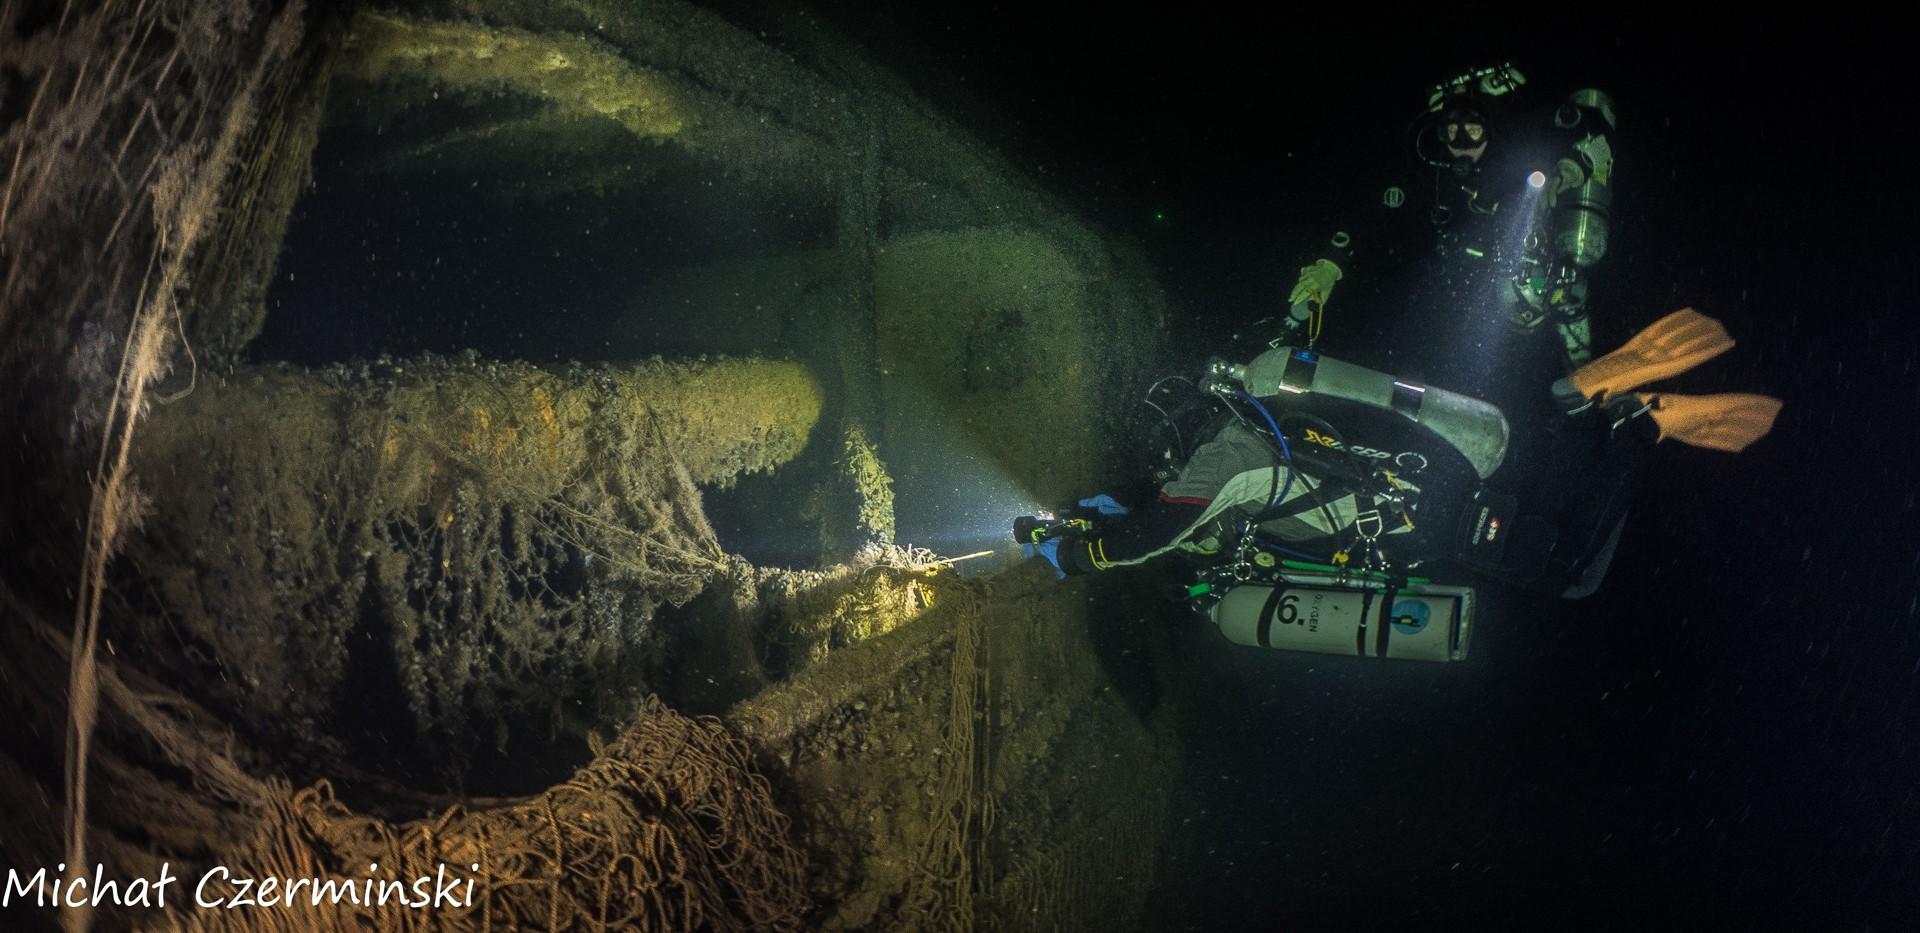 Głębokość: 72 m